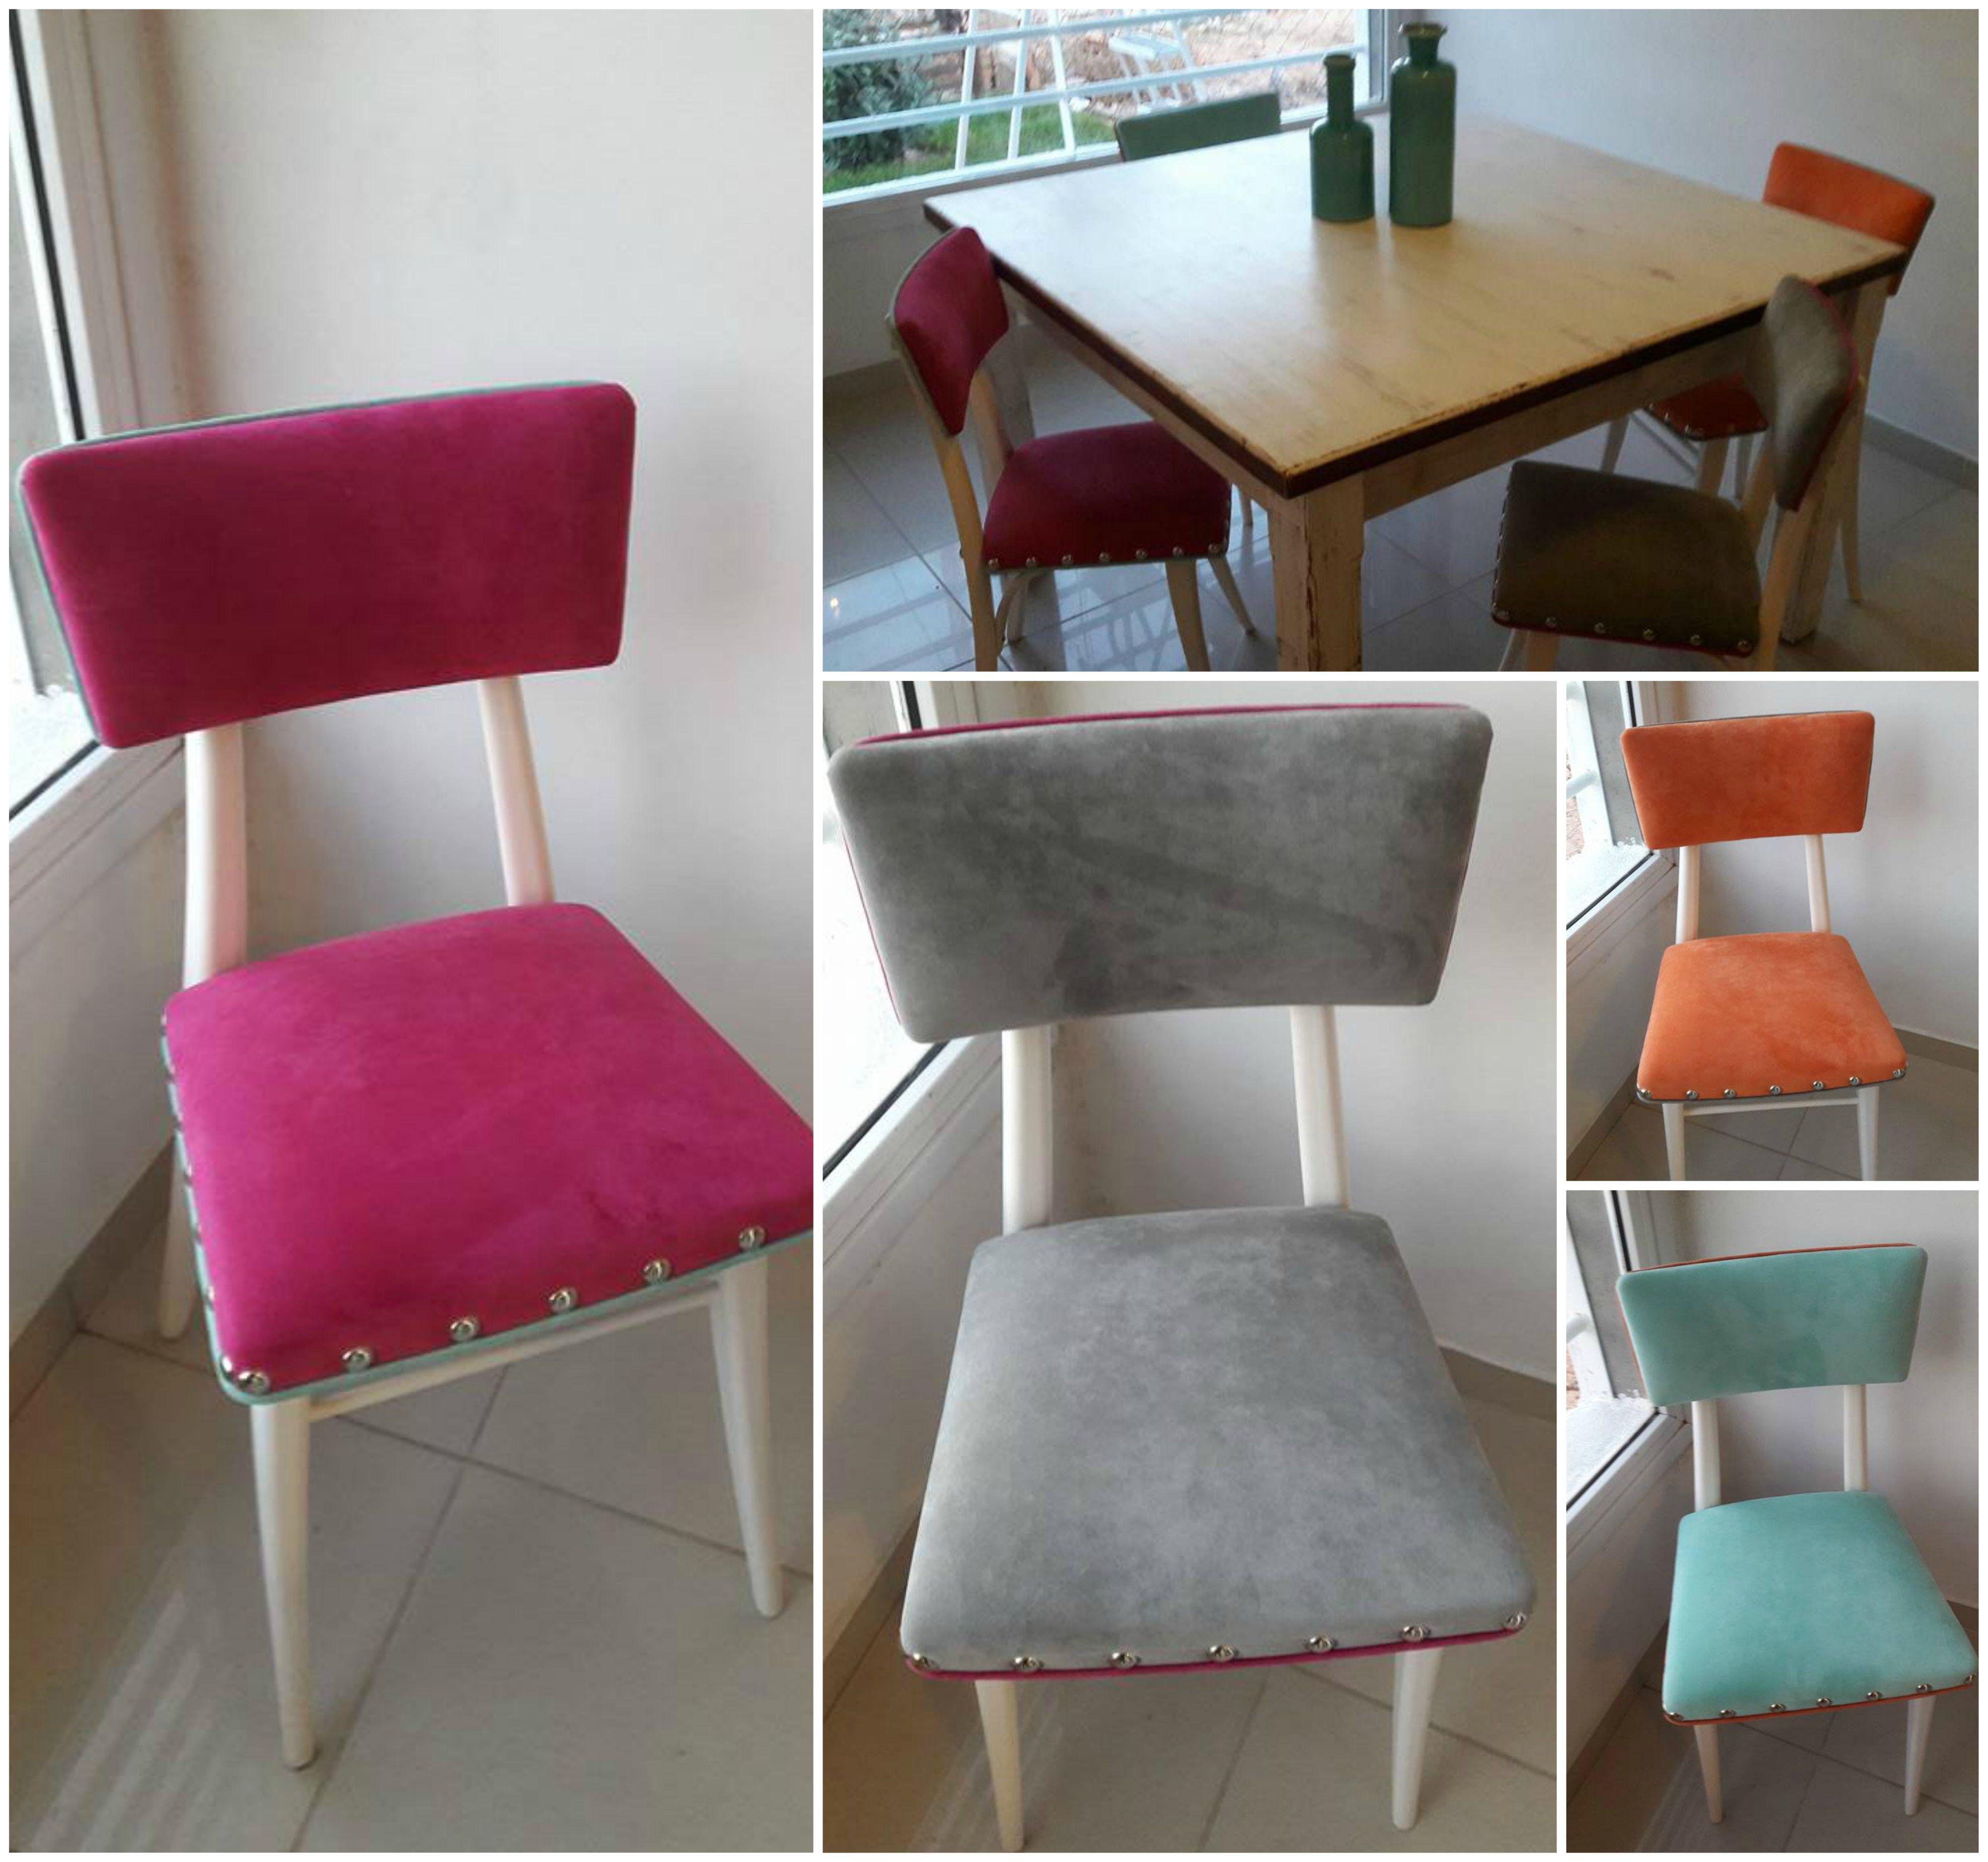 sillas estilo retro americanas restauradas y tapizadas con pana en